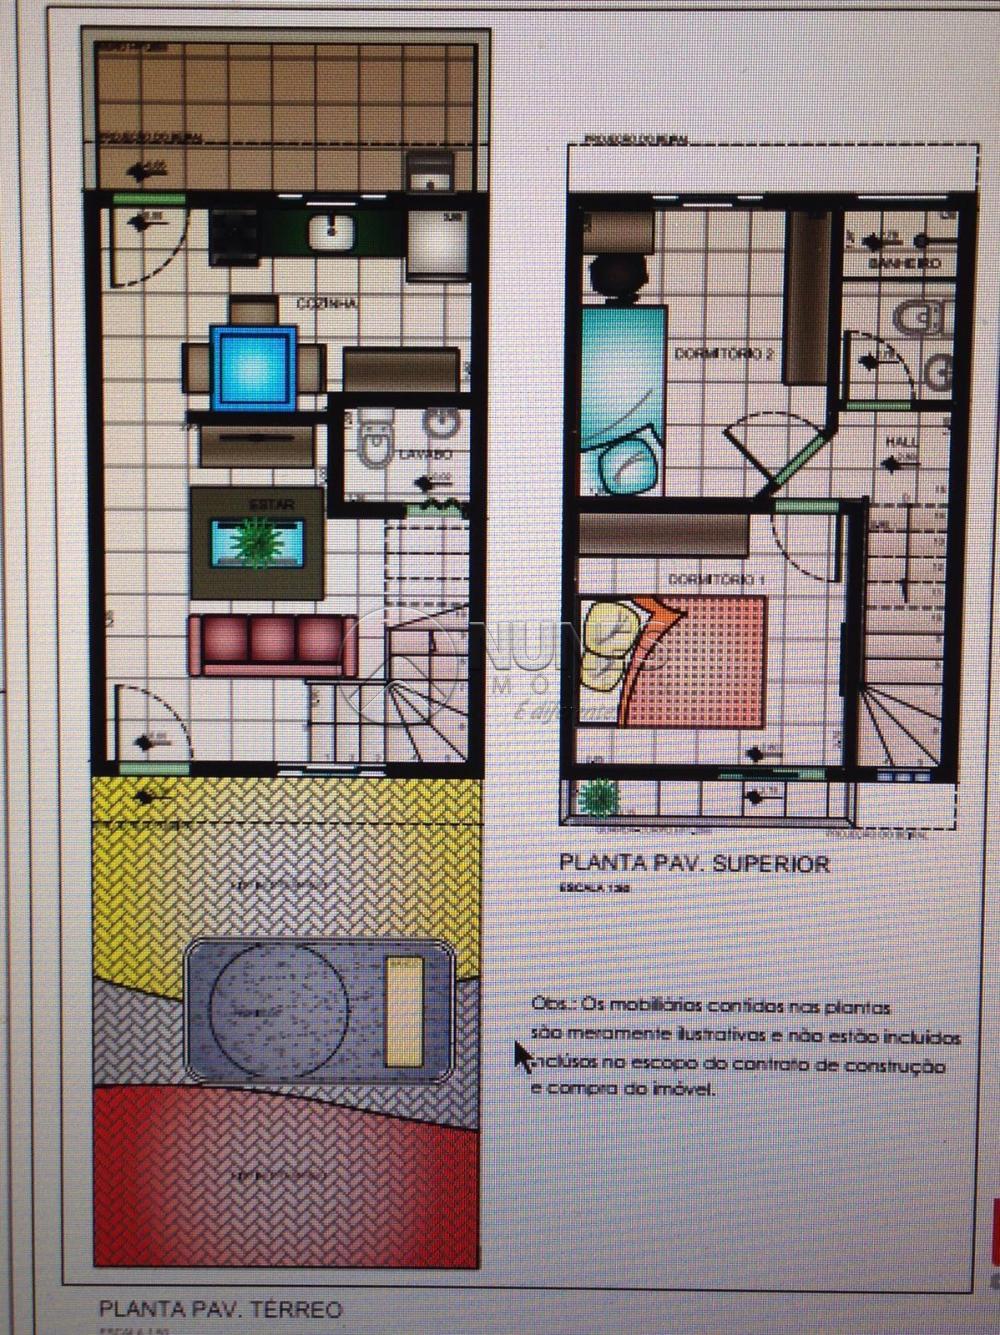 Casa Sobrado Em Condominio de 2 dormitórios à venda em Recanto Feliz, Francisco Morato - SP